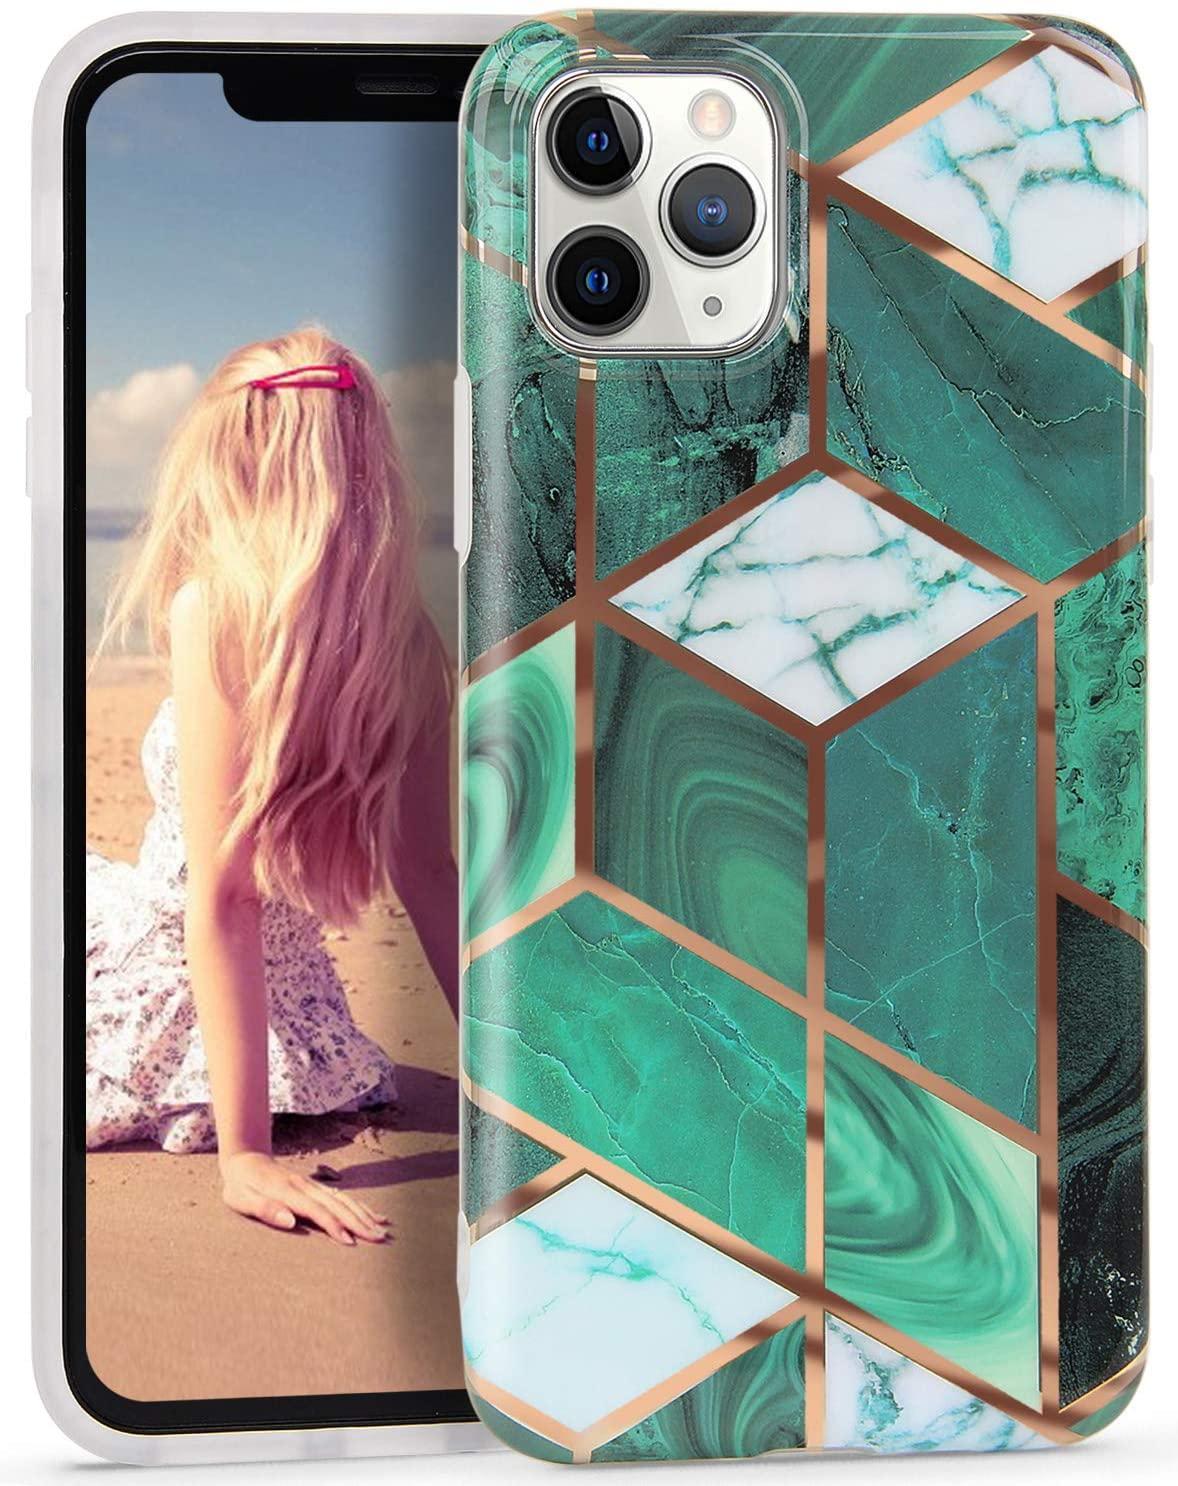 iPhone 11 Pro, Sevimli Parlak Mermer Kılıf Yumuşak TPU Silikon Esnek İnce Darbeye Koruyucu Kılıf iPhone 11 pro 5.8 inç için